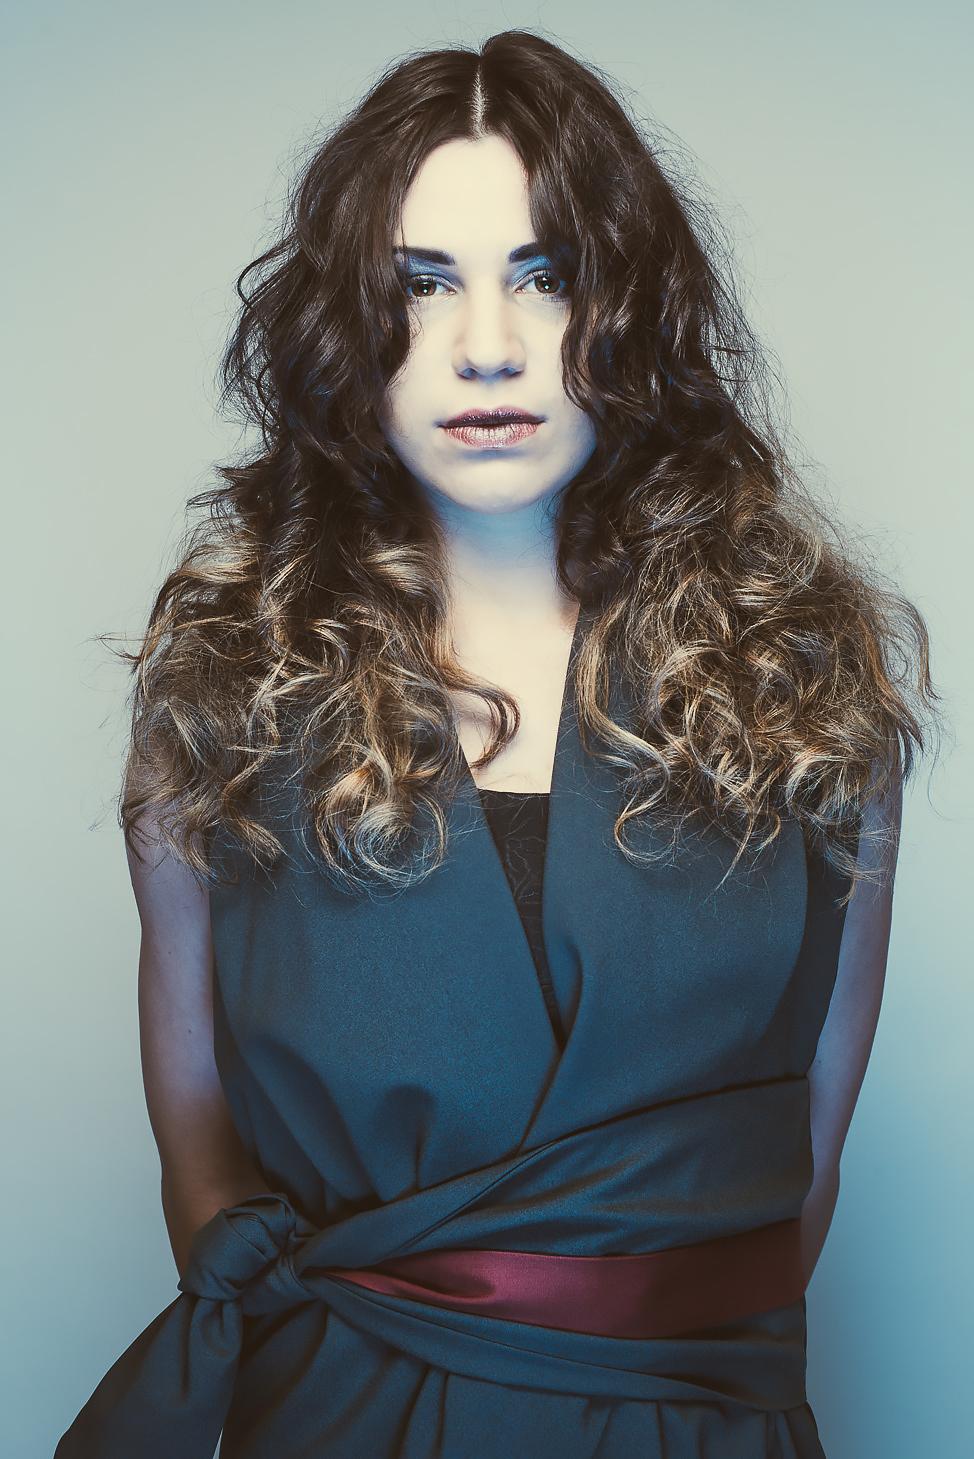 zaramia-ava-zaramiaava-leeds-fashion-designer-ethical-sustainable-tailored-minimalist-emika-grey-black-red-belt-versatile-drape-cowl-styling-womenswear-models-photoshoot-shrine-hairdressers-75